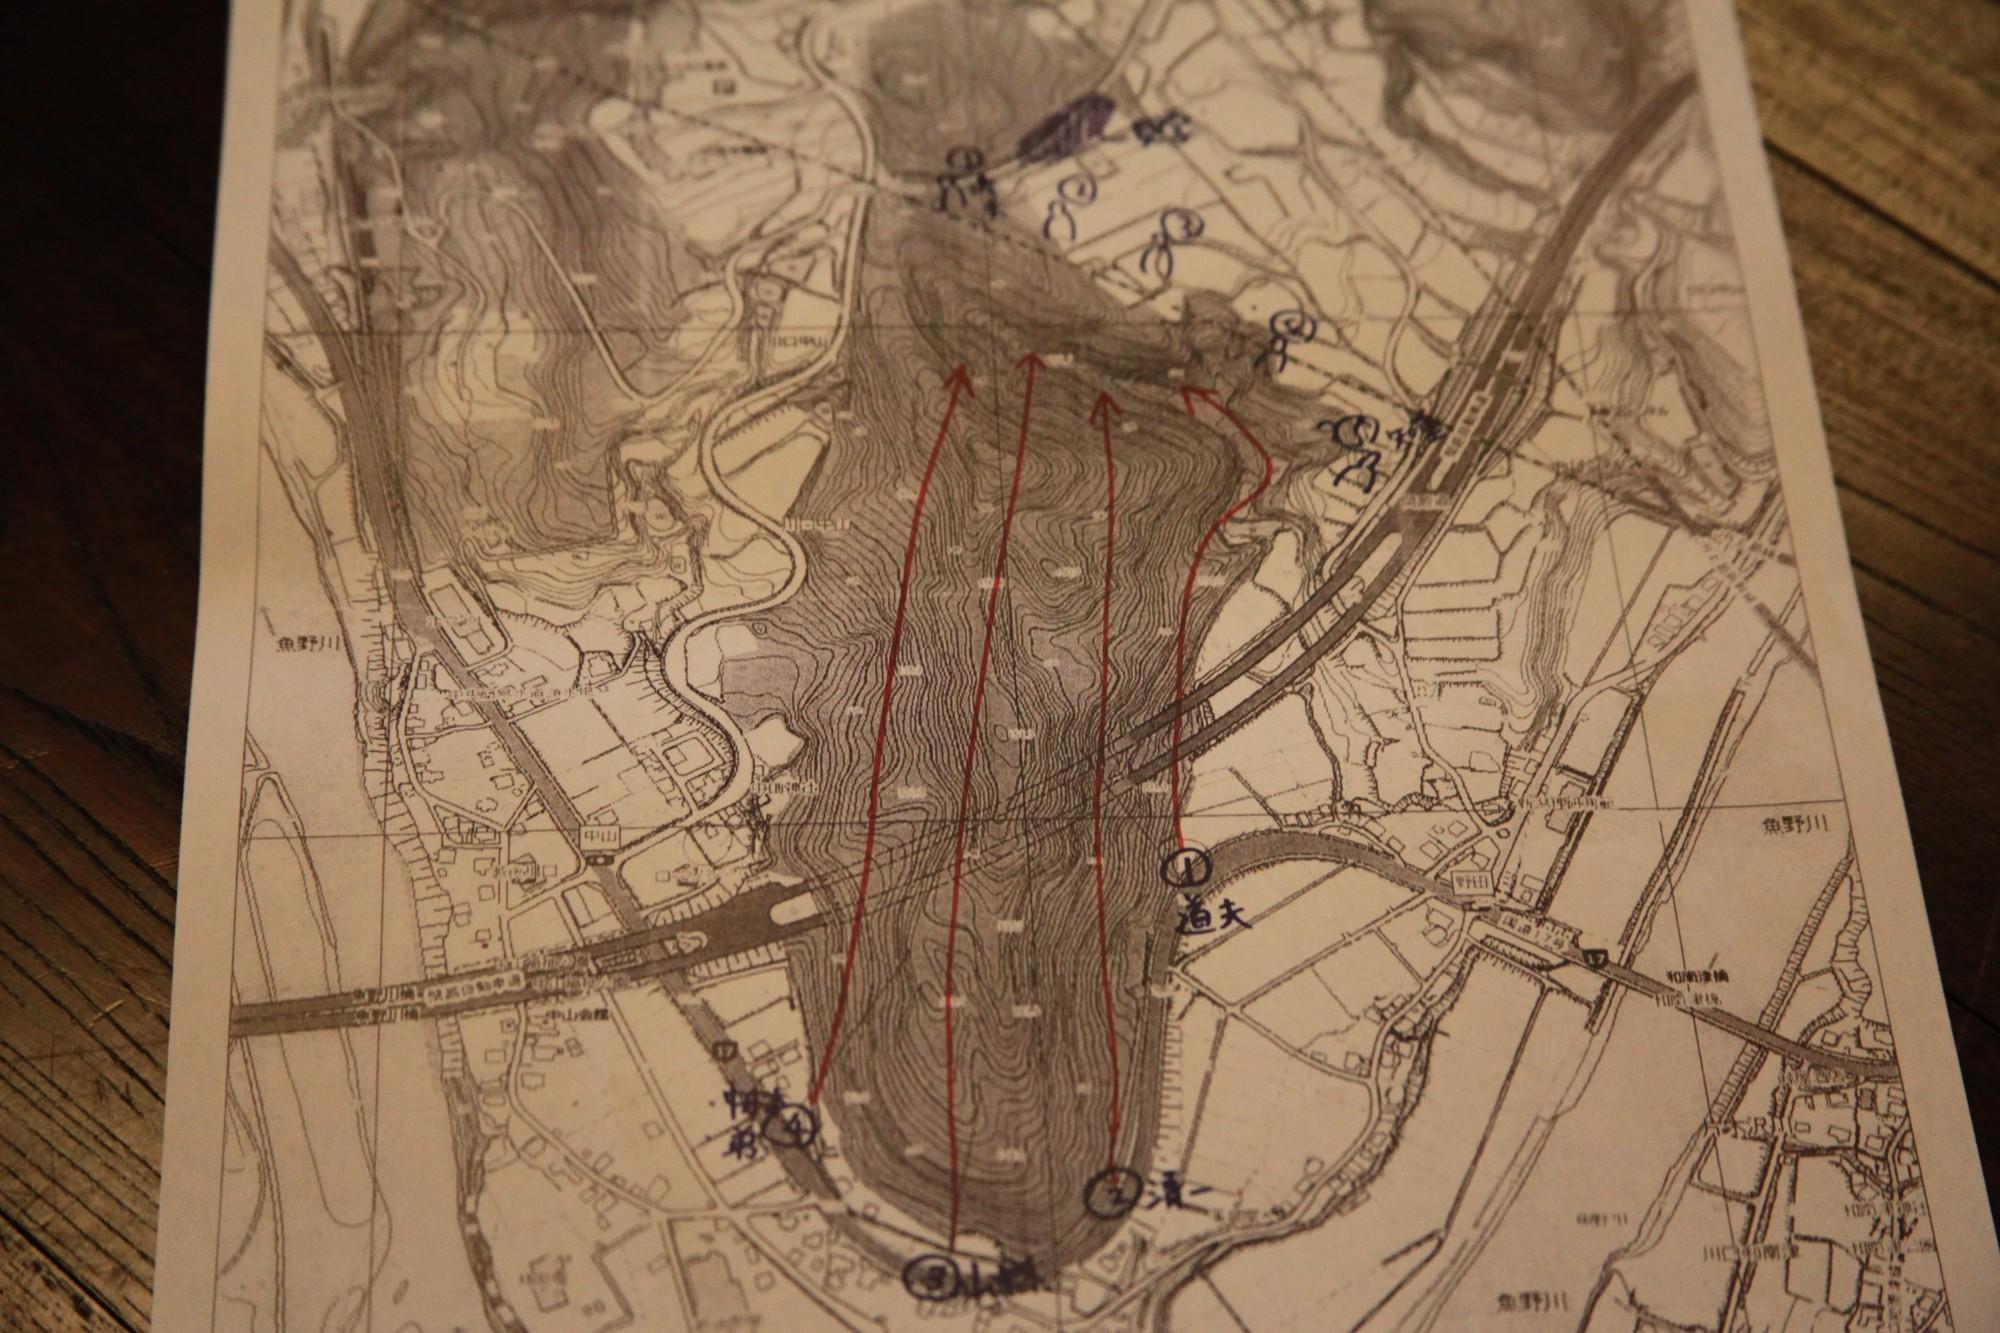 等高線が描かれた地図。4つのルートから獲物を「巻く」ように追込み、4点が合流する谷で仕留める作戦。